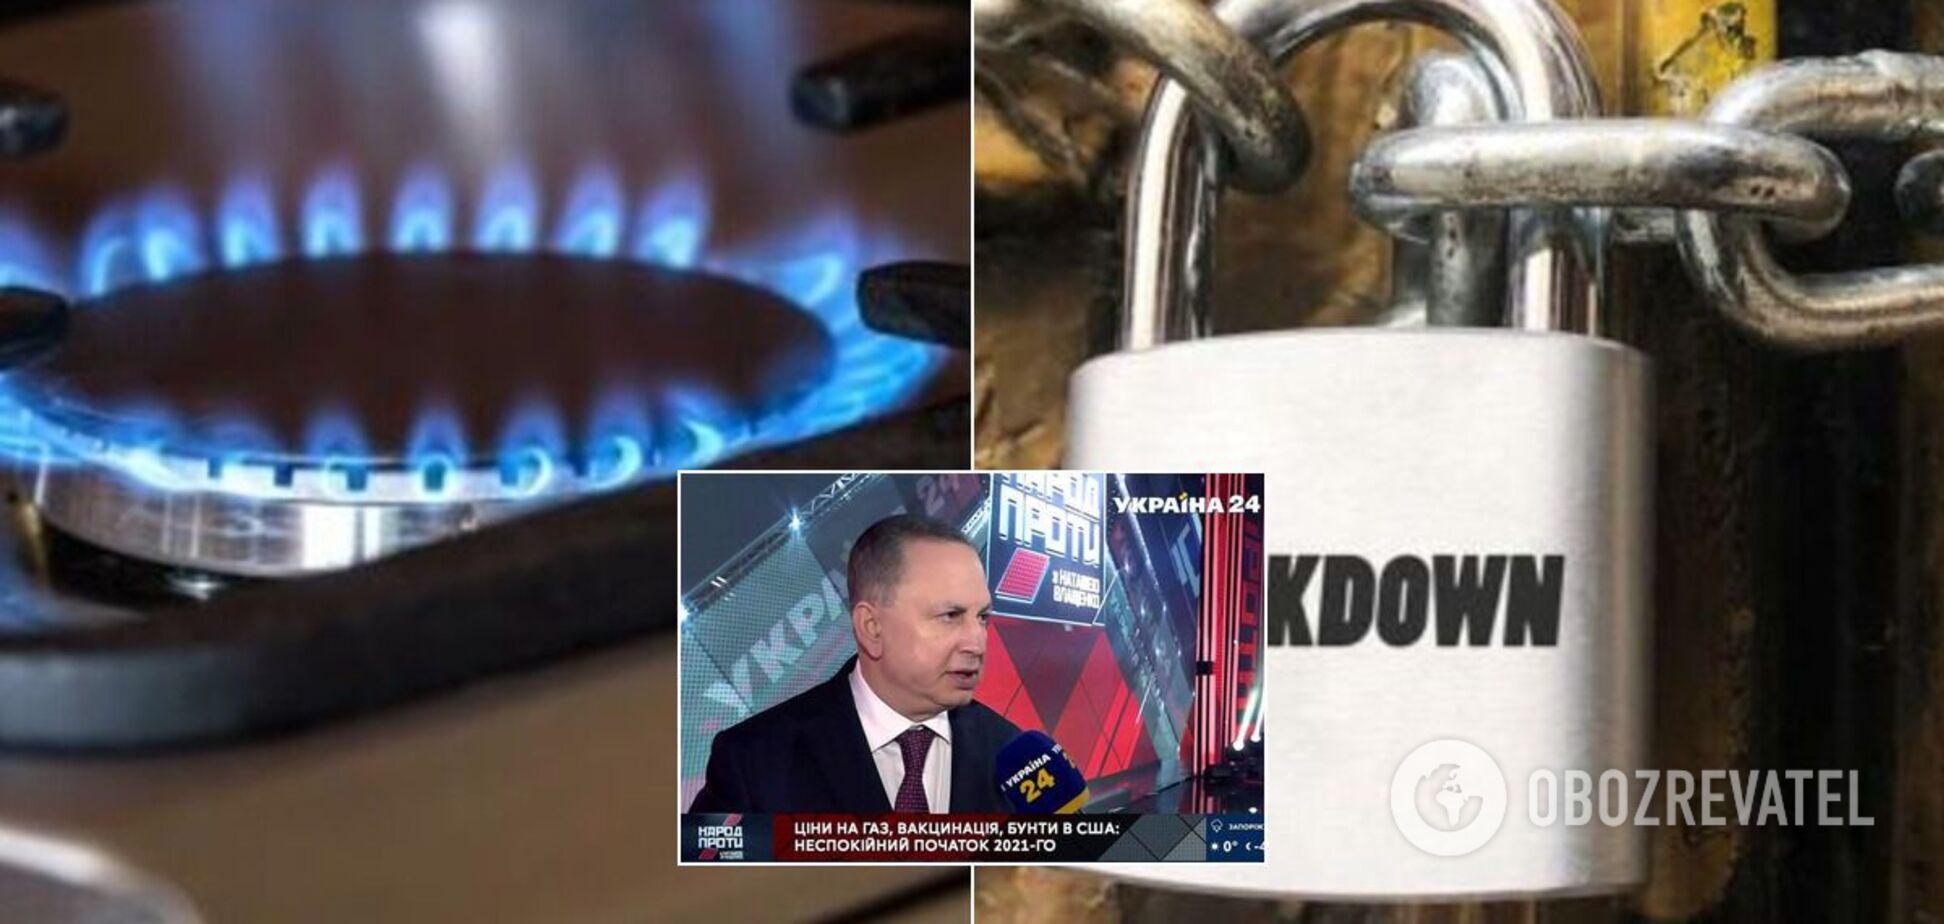 Цены на газ, локдаун и переговоры в Нормандском формате: актуальные темы последних дней